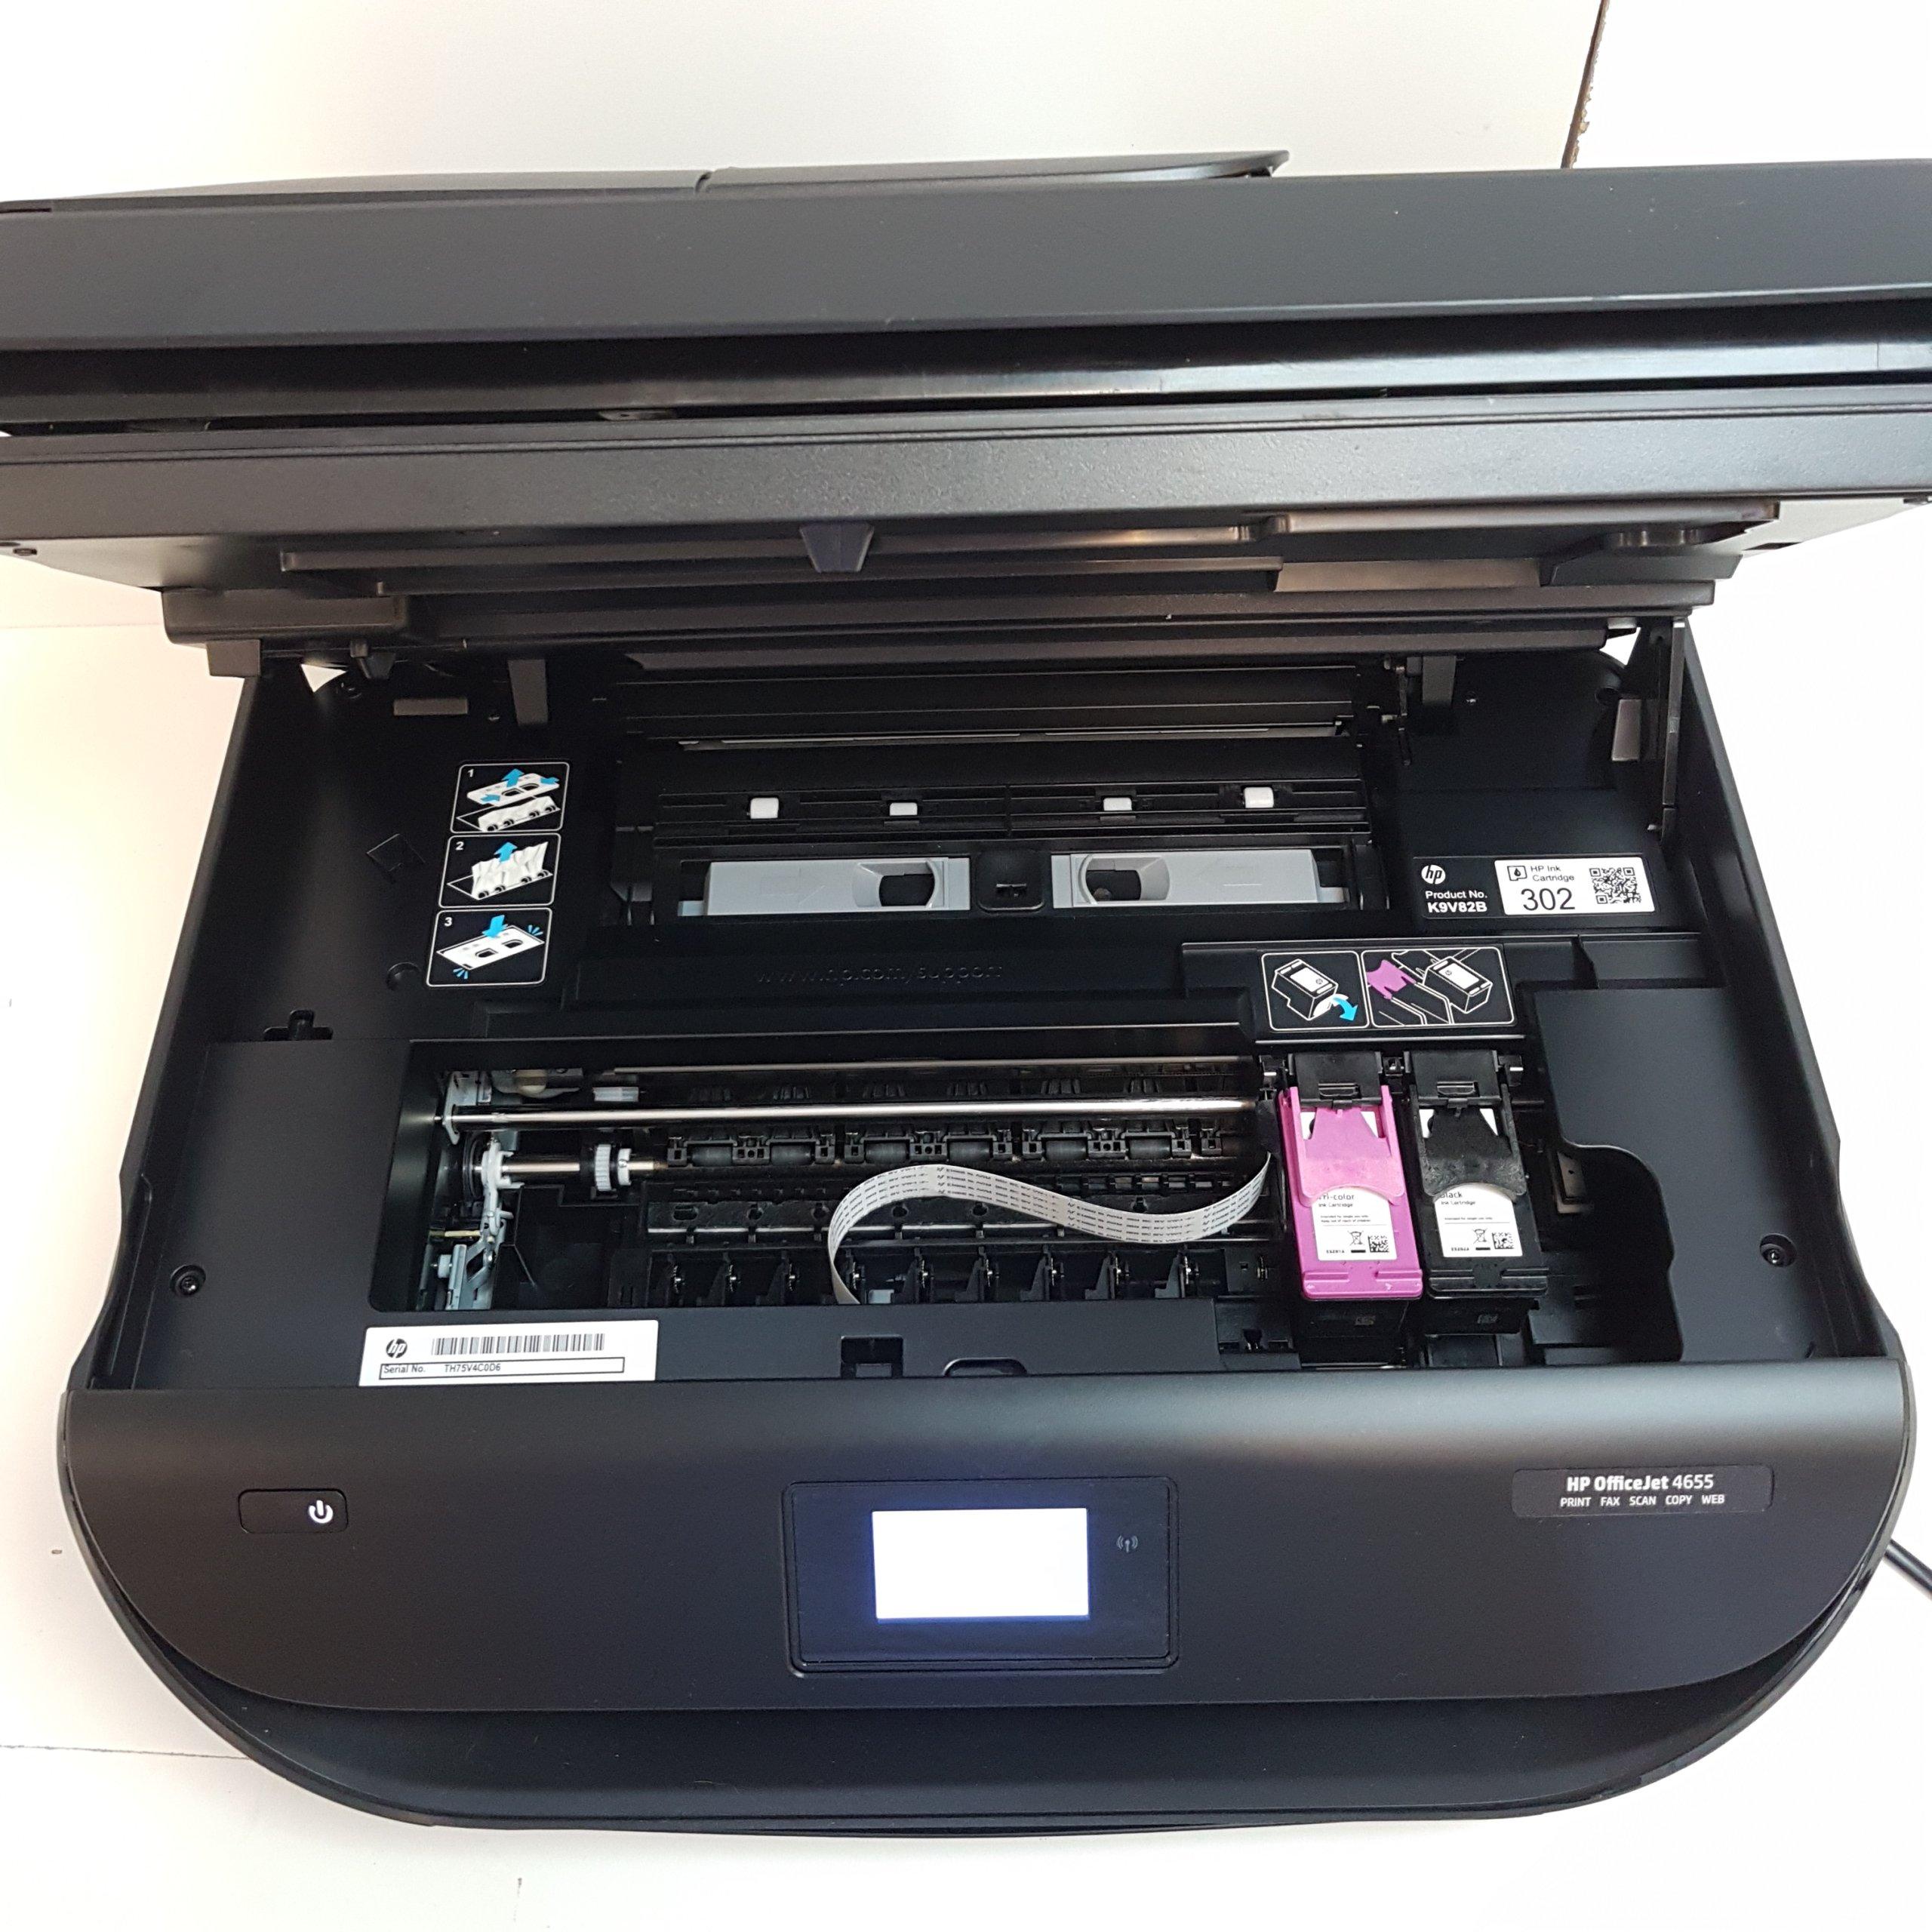 C533 Urządzenie Wielofunkcyjne HP OfficeJet 4655